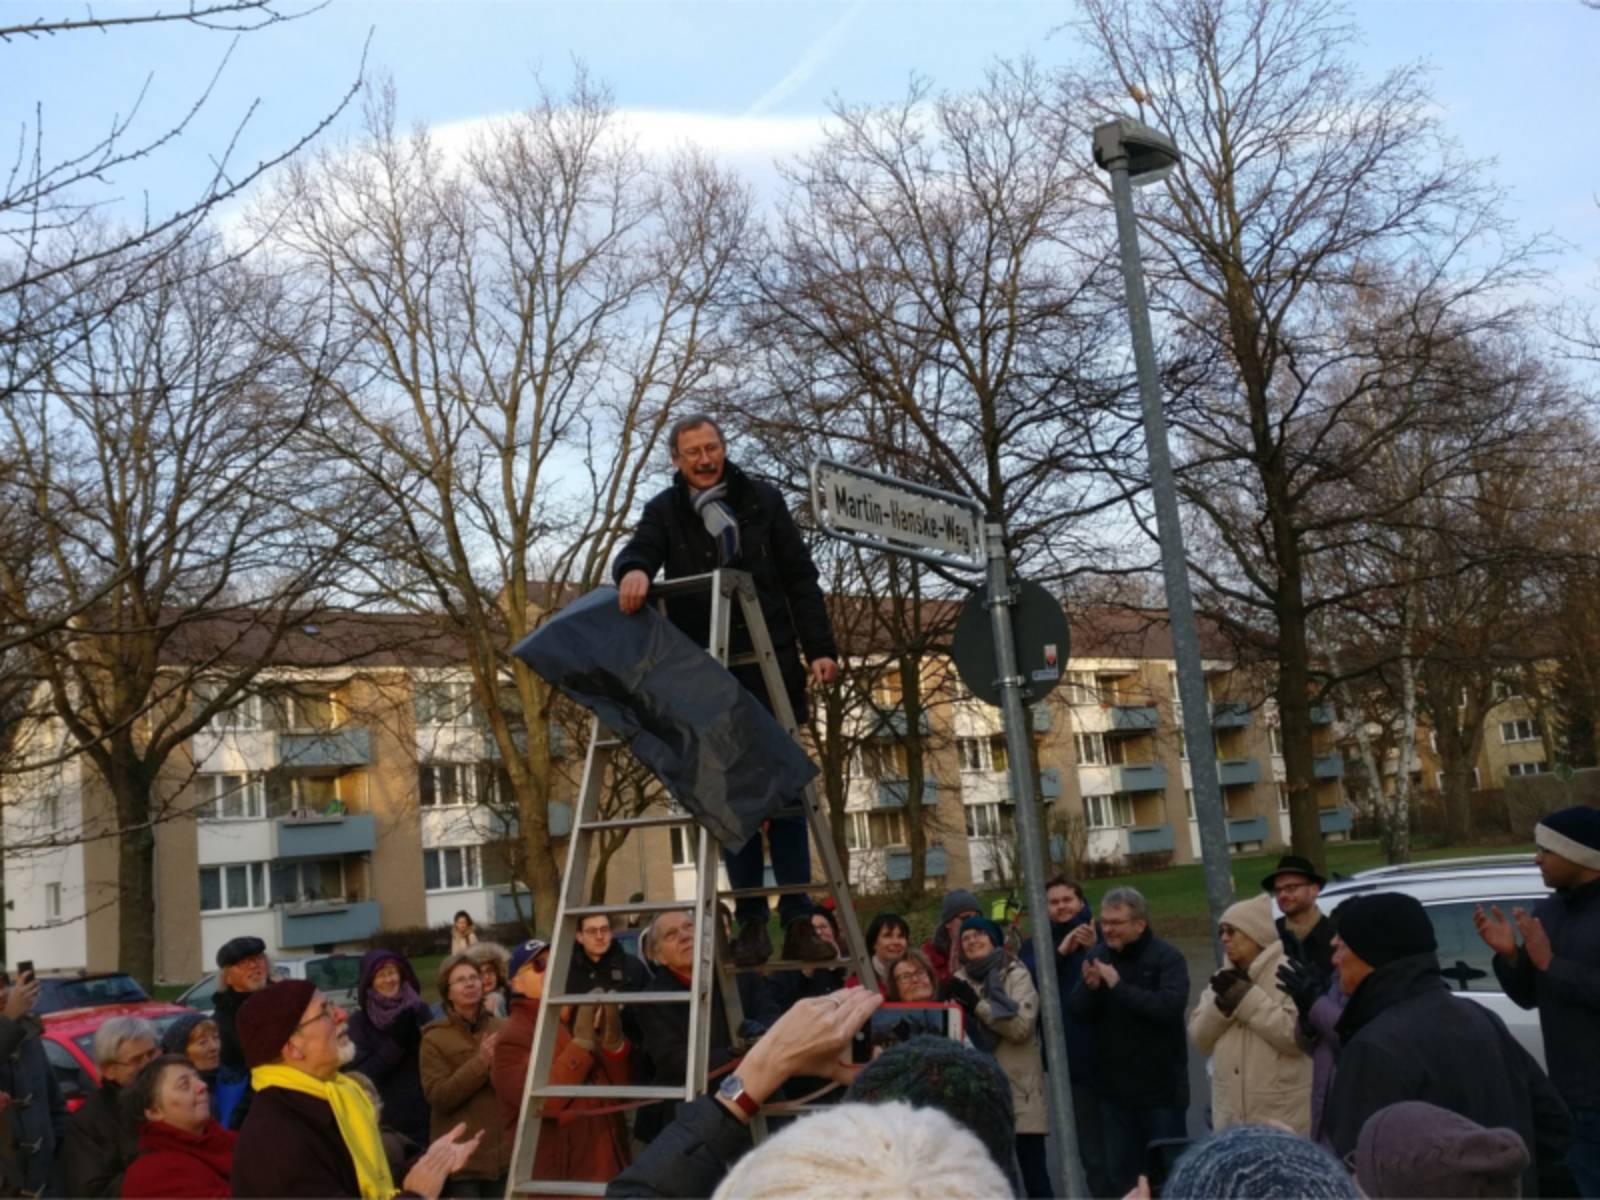 Ein Mann steht auf einer Leiter und enthüllt ein Straßenschild. Dabei stehen mehrere Personen, die dabei zusehen.